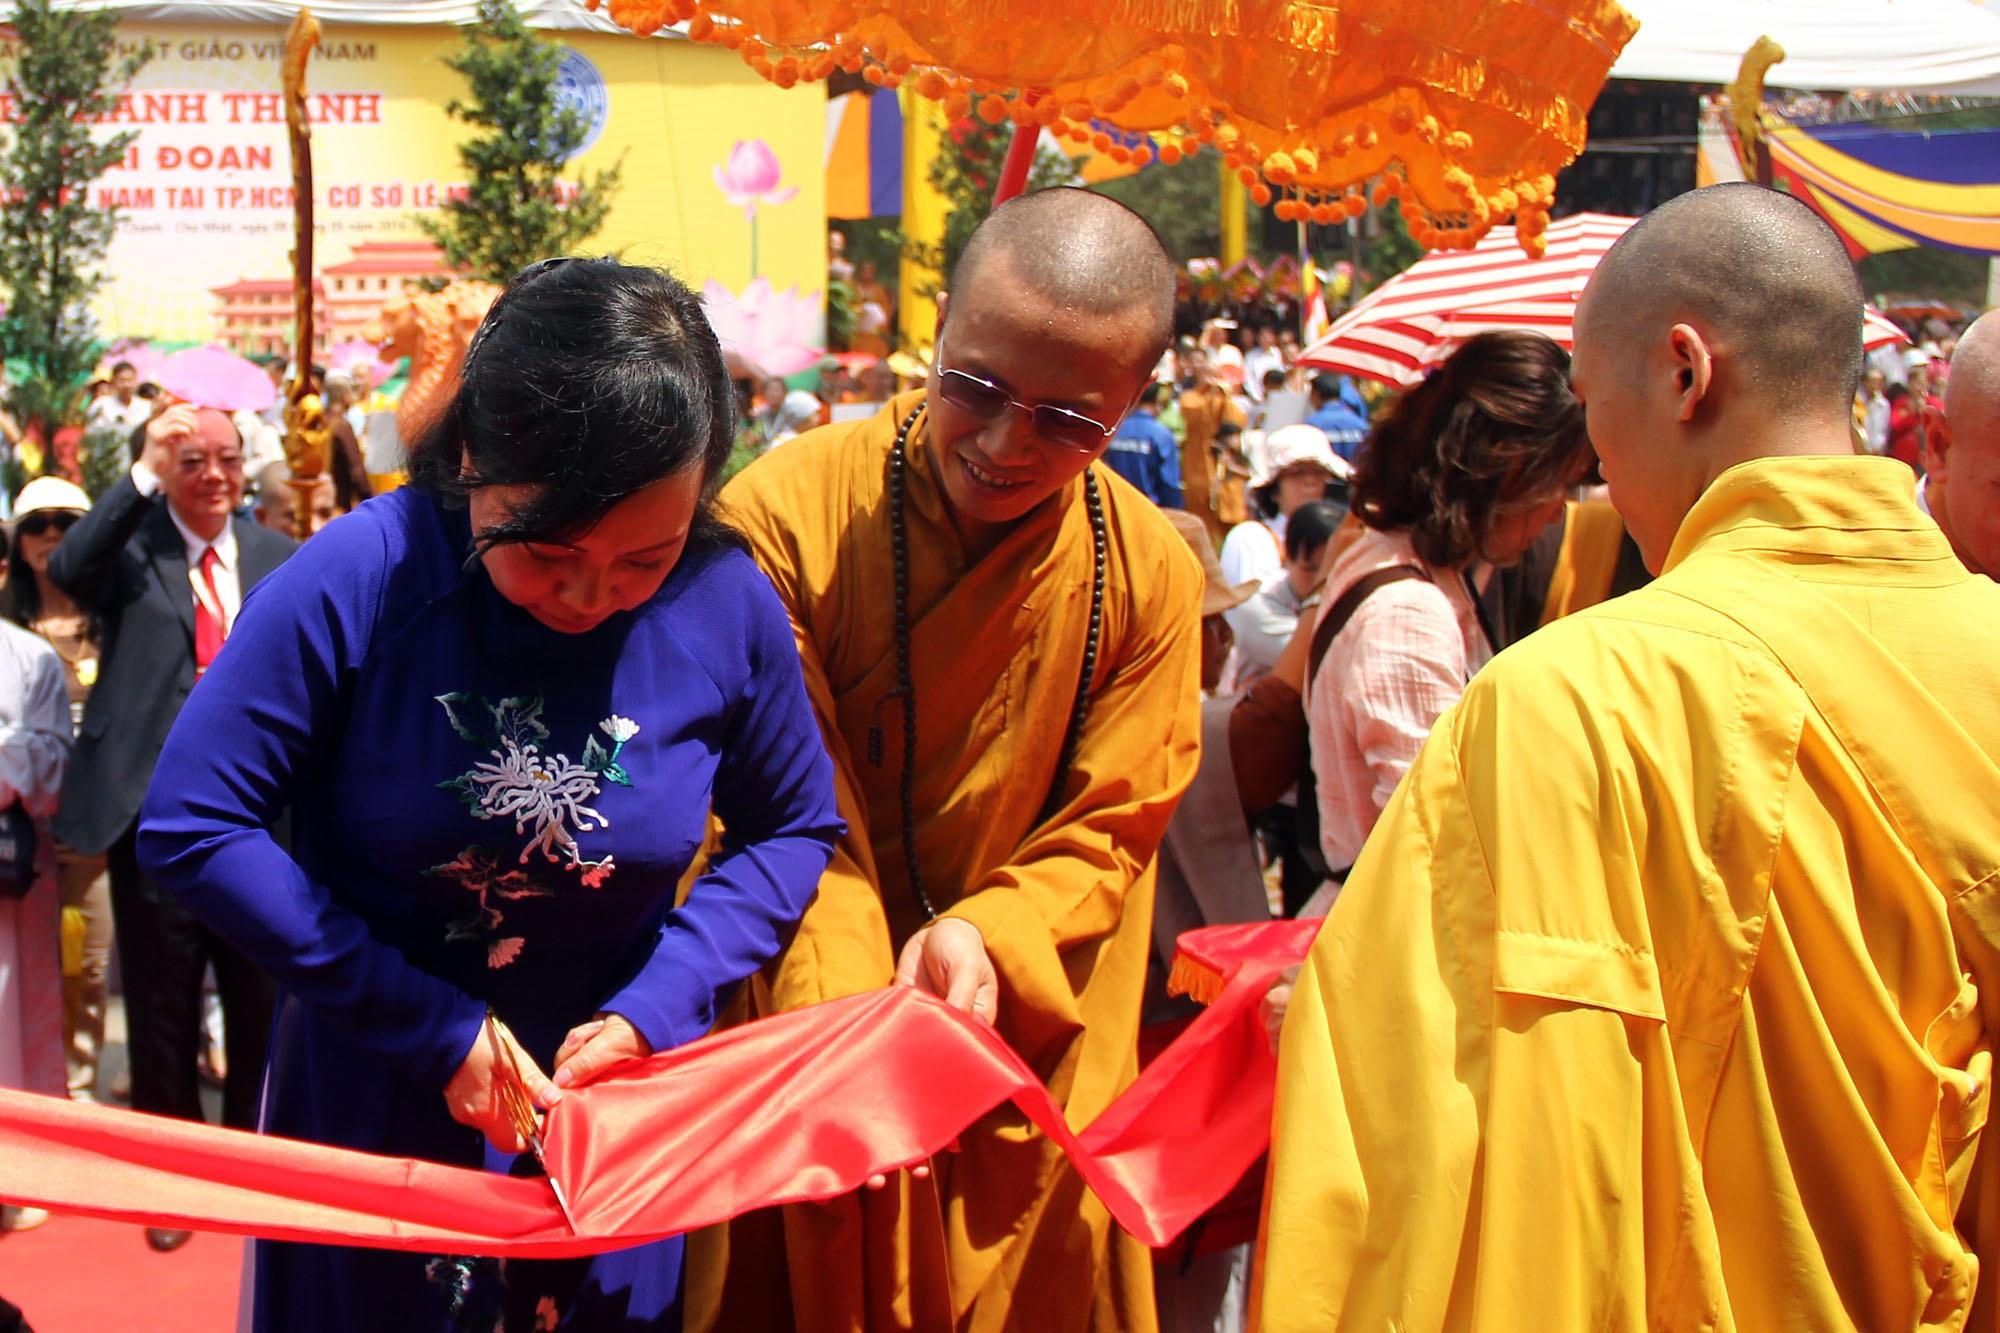 Bộ trưởng Y tế Nguyễn Thị Kim Tiến cắt băng khánh thành Học viện Phật giáo